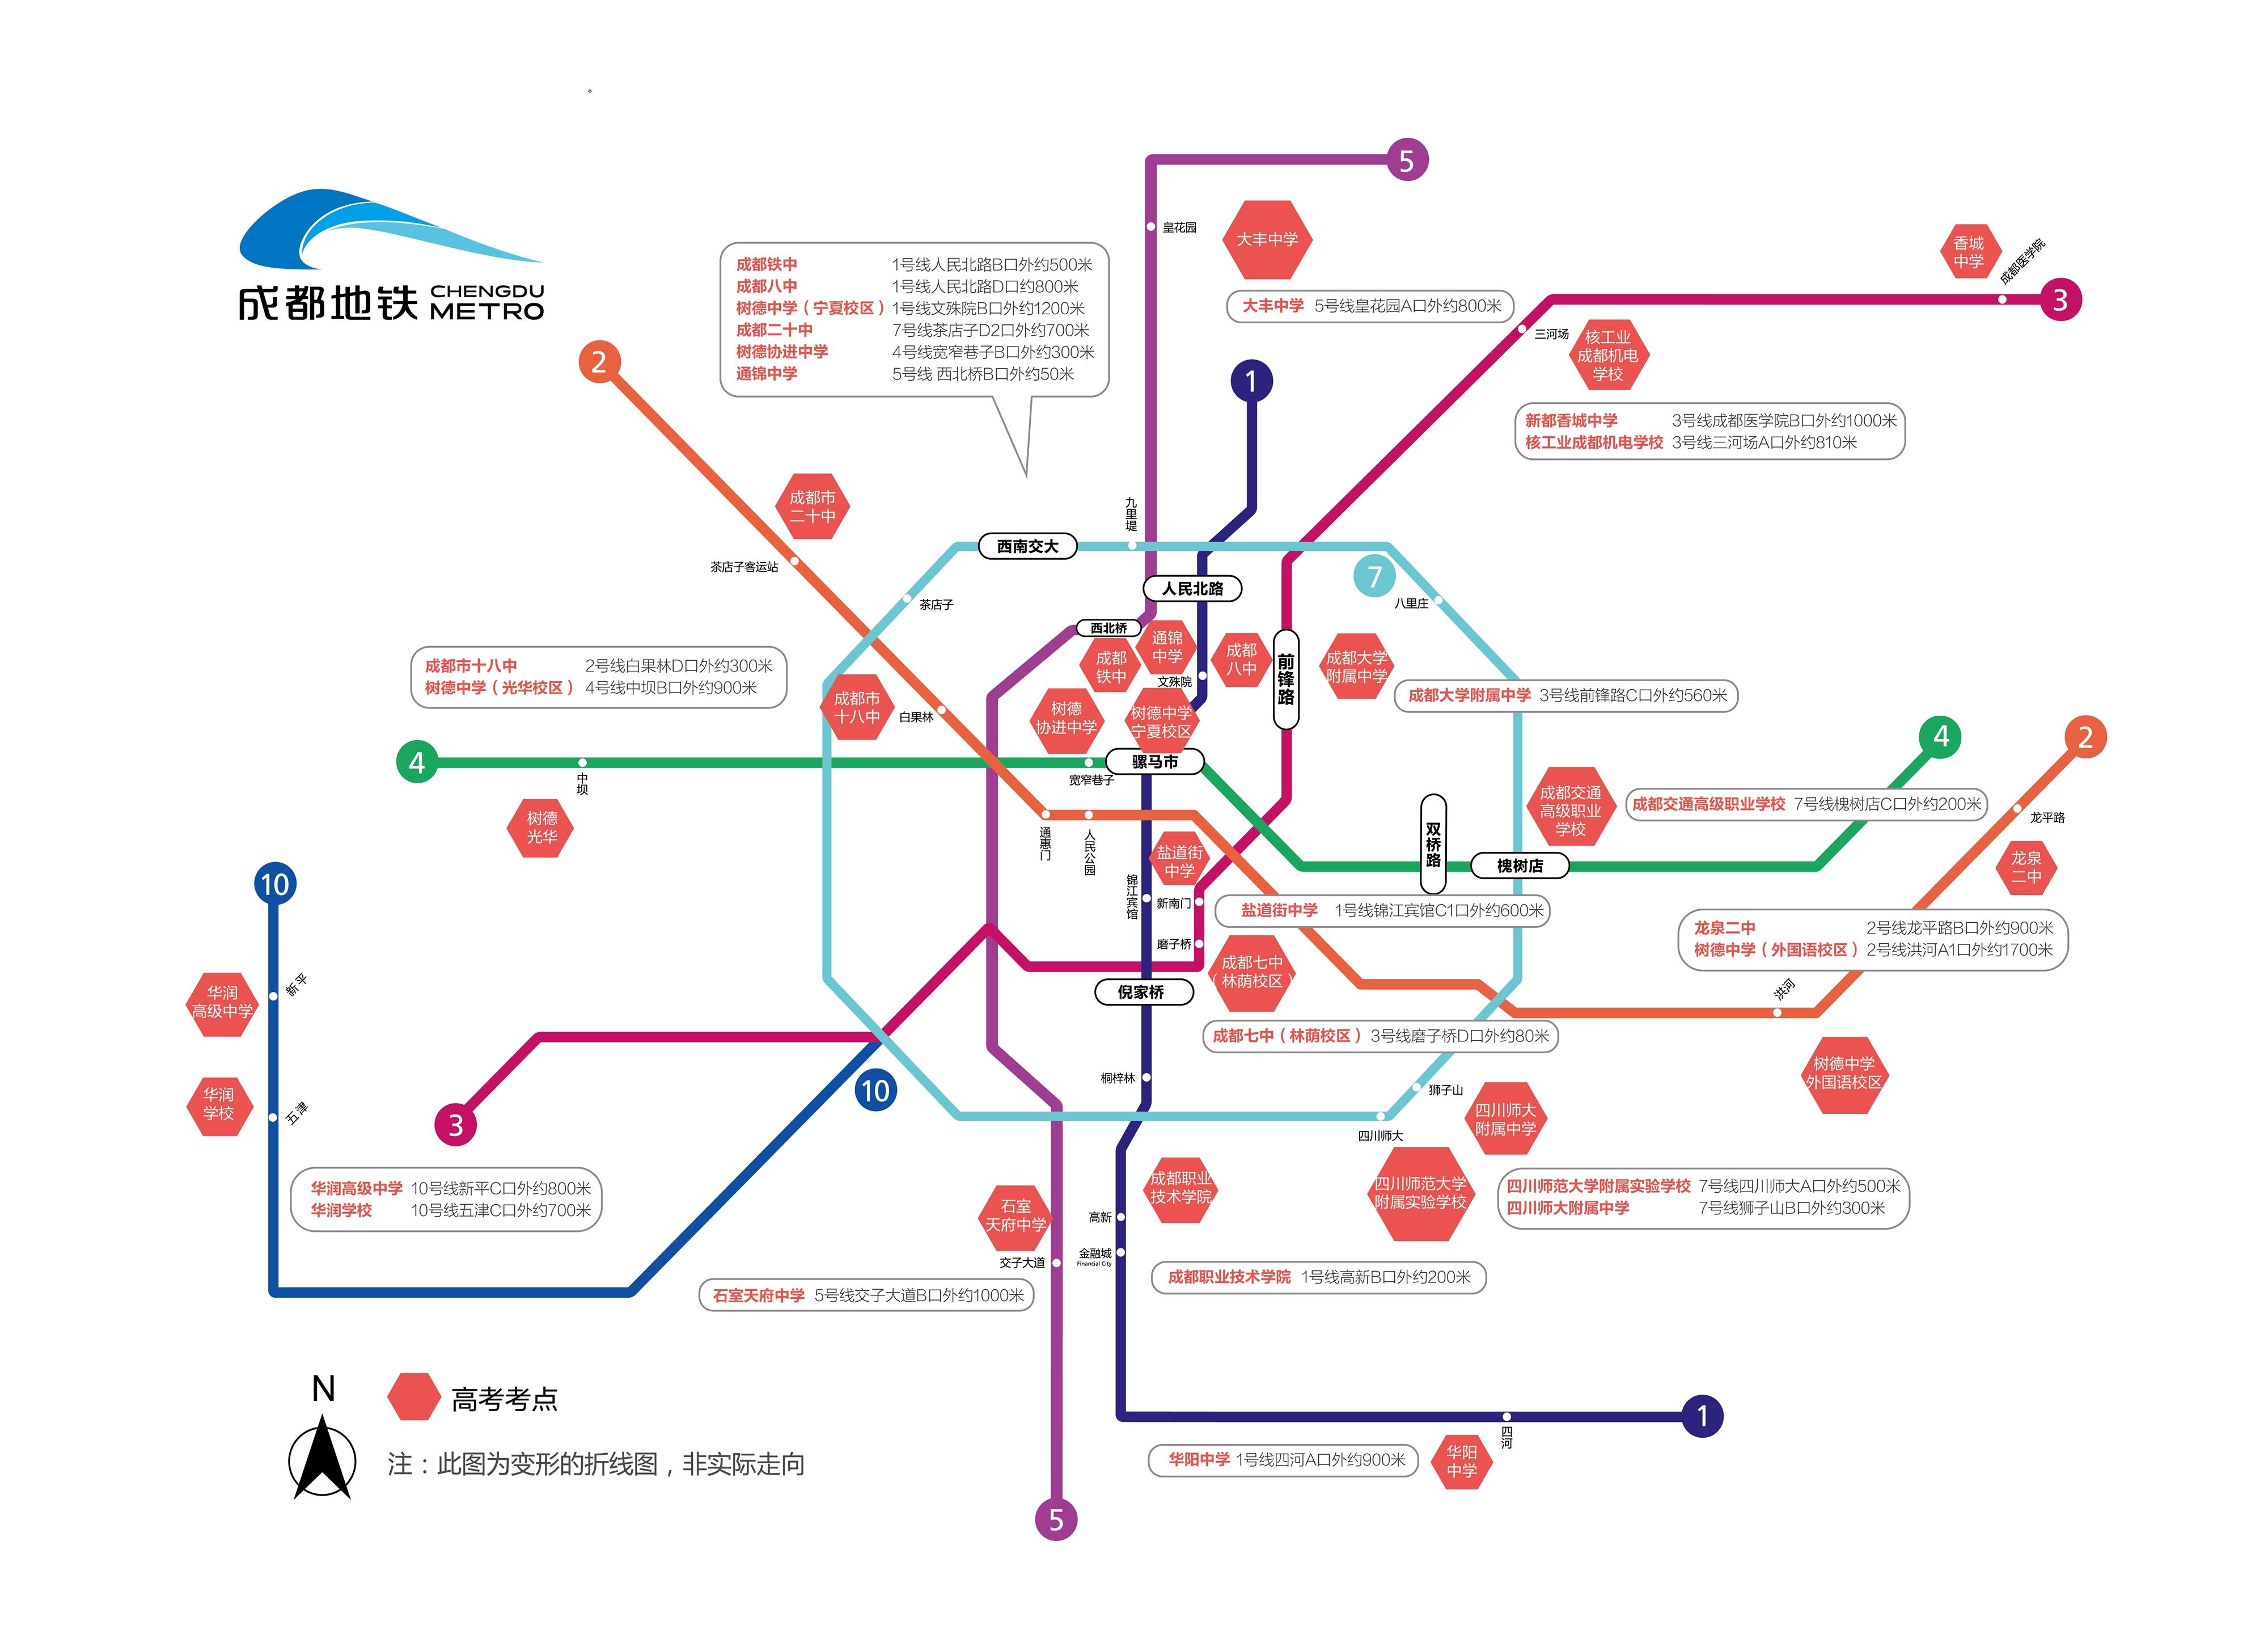 高、中考期间成都地铁开通考生绿色通道